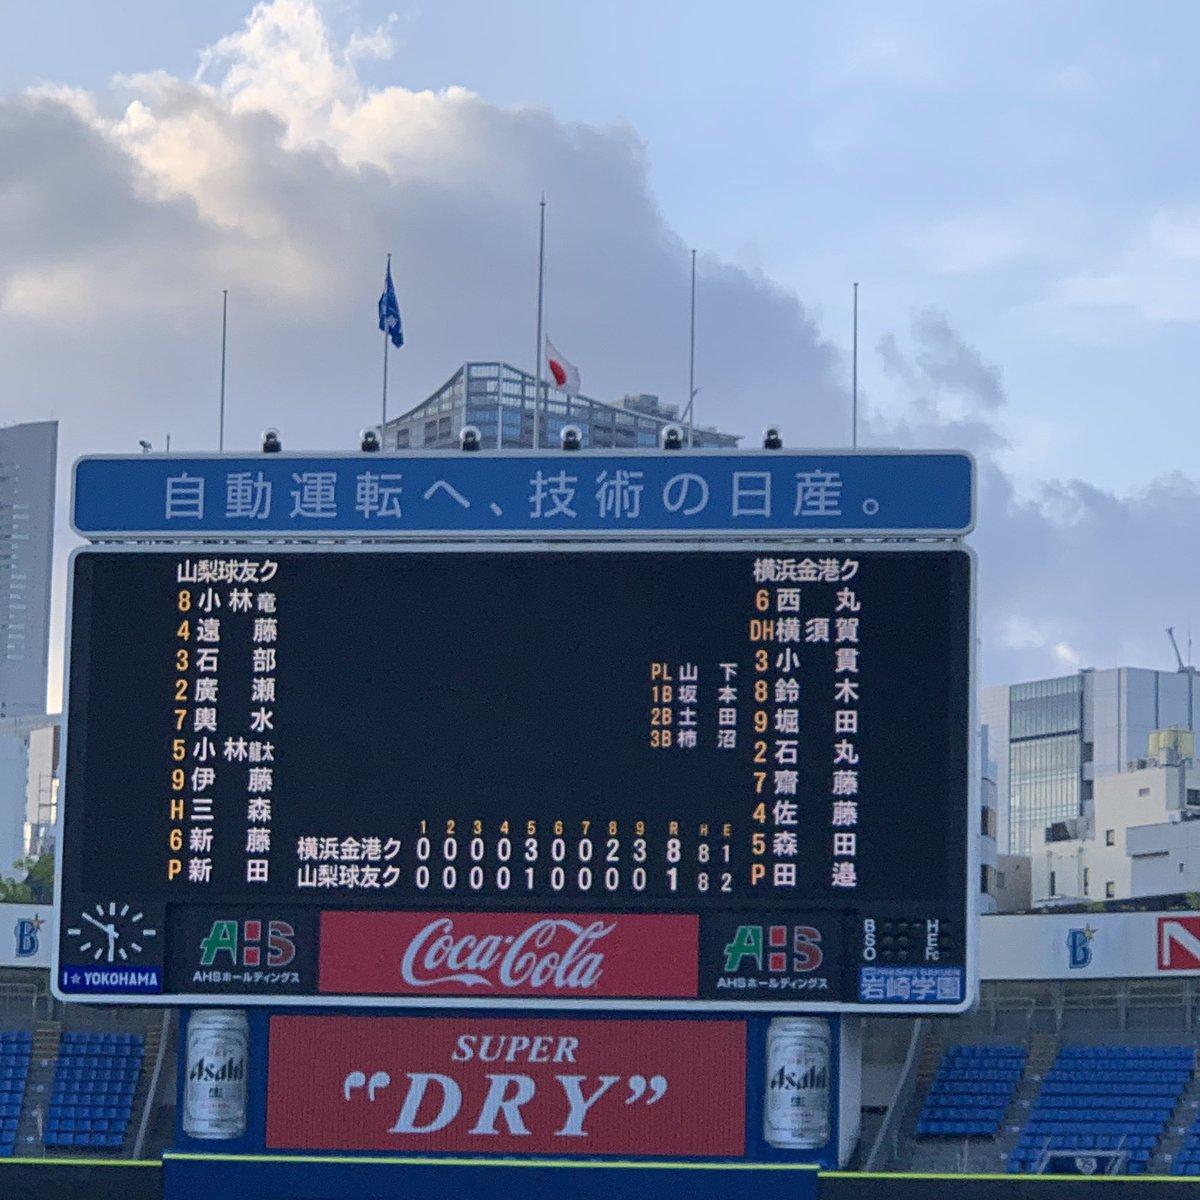 【第90回 都市対抗野球大会西関東予選】  vs山梨球友クラブ 8-1 勝利  応援ありがとうございました。  明日5/20 14時からJX-ENEOSと横浜スタジアムにてブロック代表決定戦が行われます。  #社会人野球 #都市対抗野球 #横浜金港クラブ #己に克つ